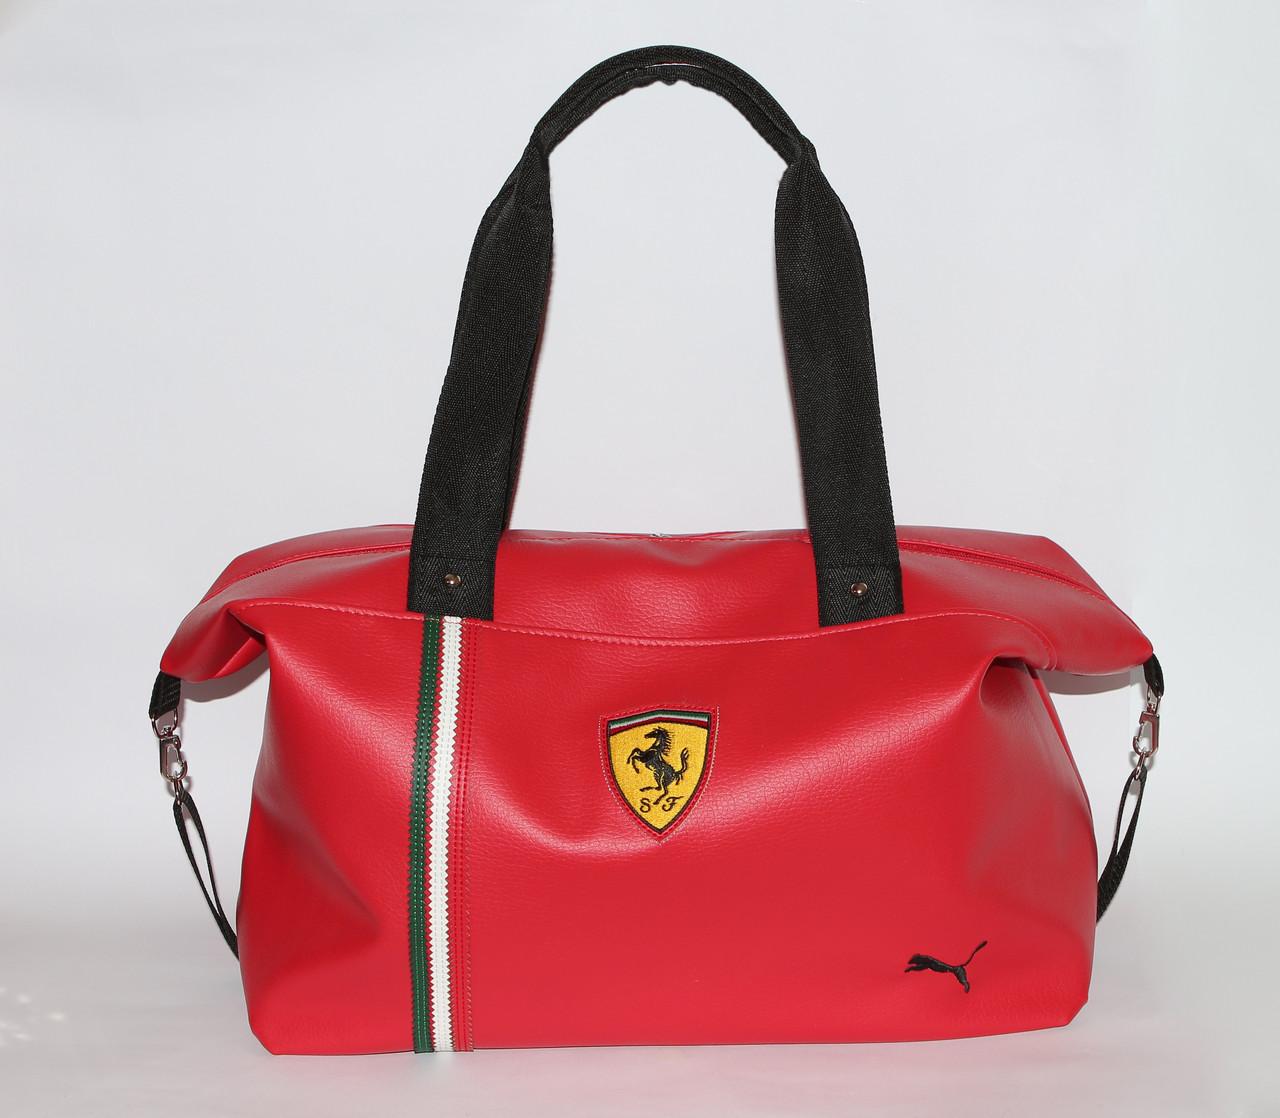 70981d23f7f4 Cтильные сумки Пума Феррари Puma Ferrari модные сумки женские, цена 480  грн., купить в Хмельницком — Prom.ua (ID#92030707)